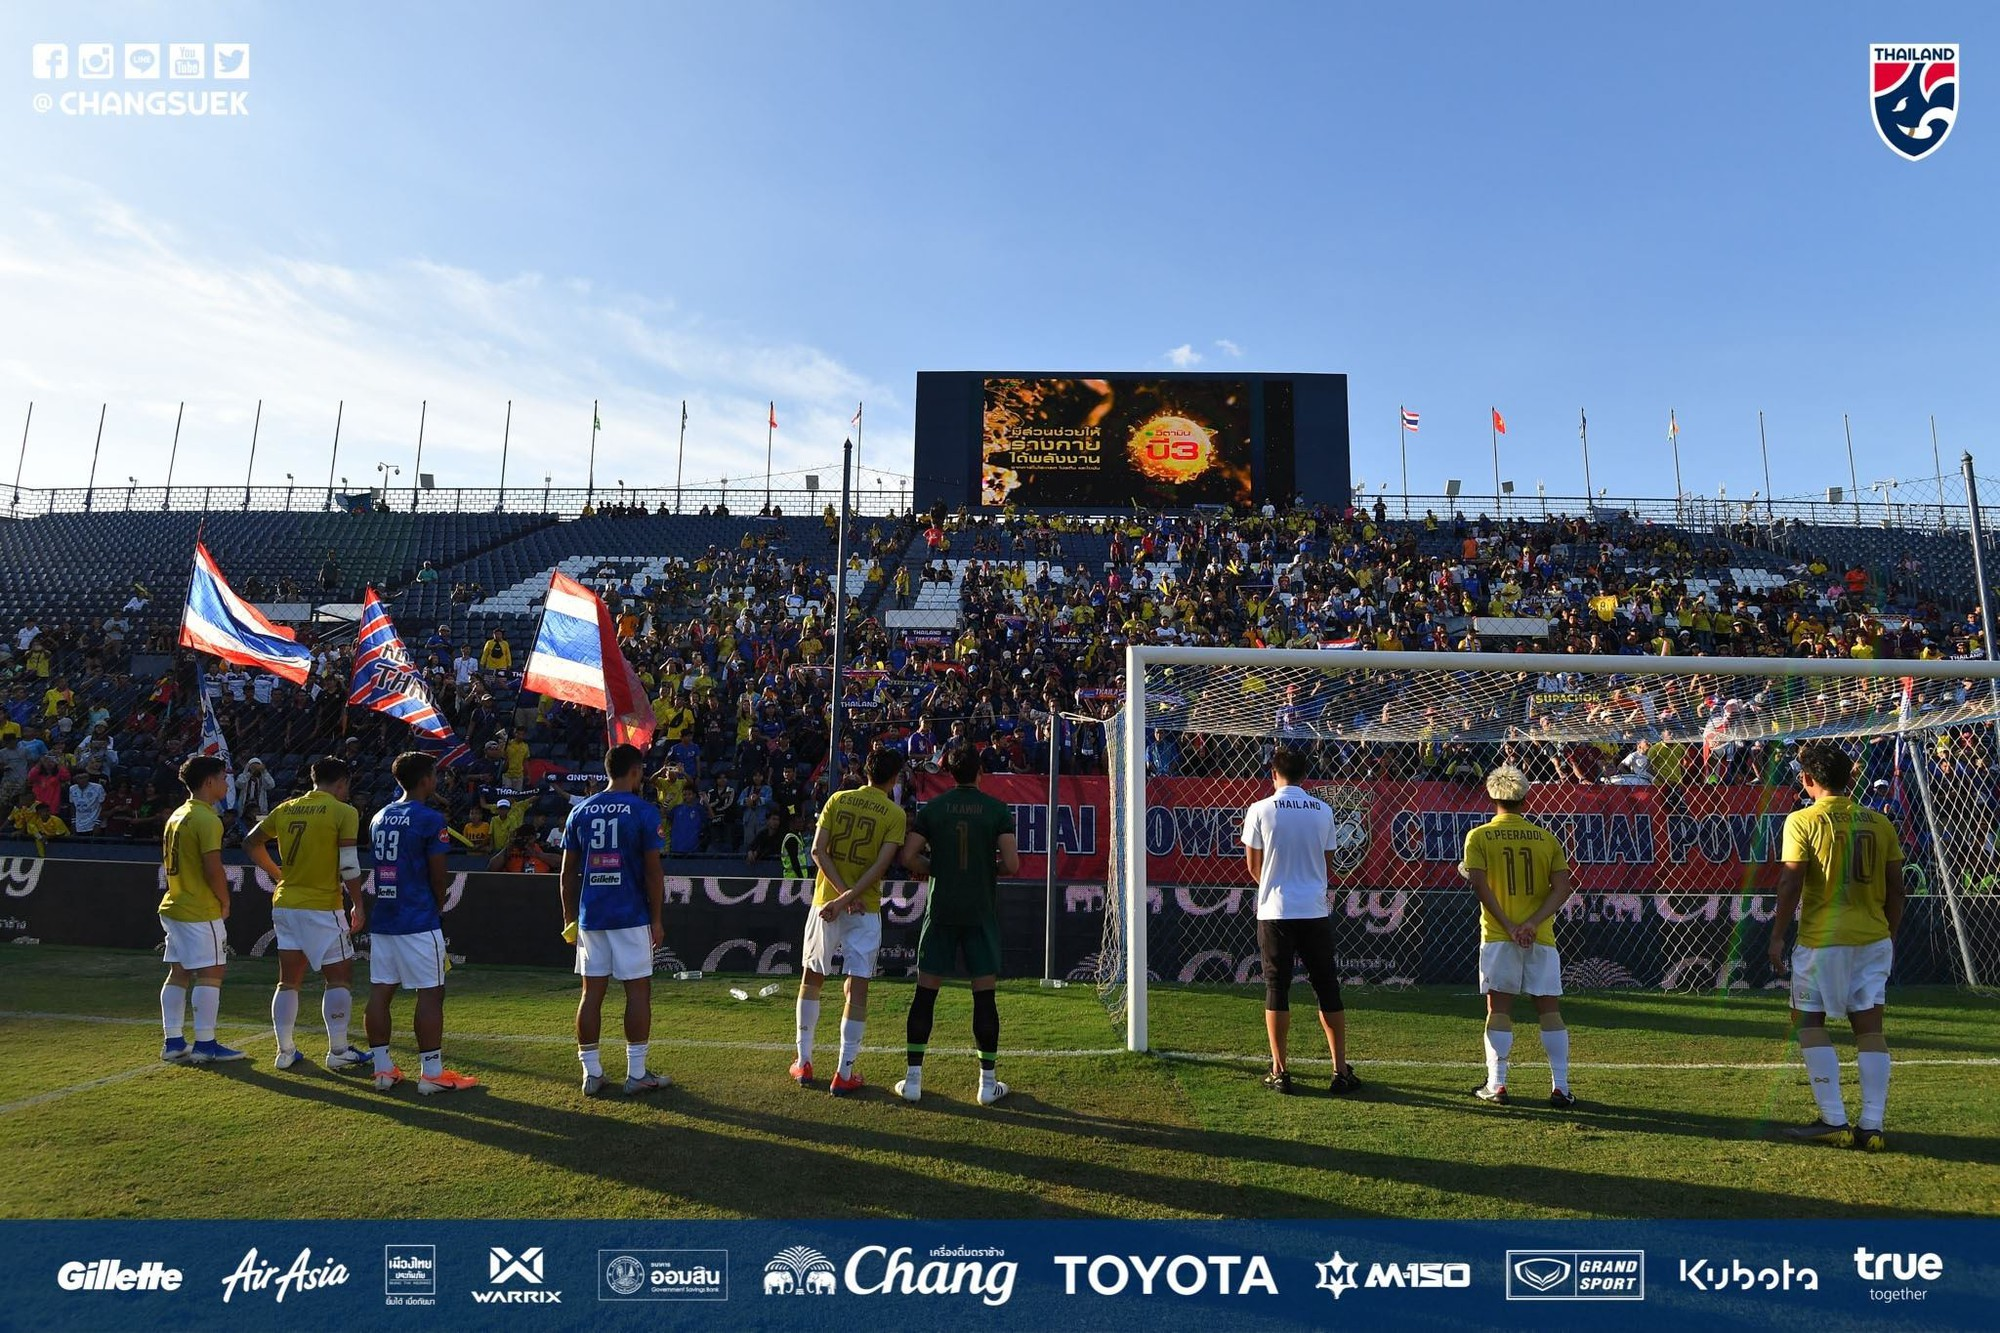 Chưa hết cay đắng sau thất bại trước Việt Nam, tuyển Thái Lan còn bị fan nước nhà phản đối vì lý do bất ngờ này - Ảnh 1.